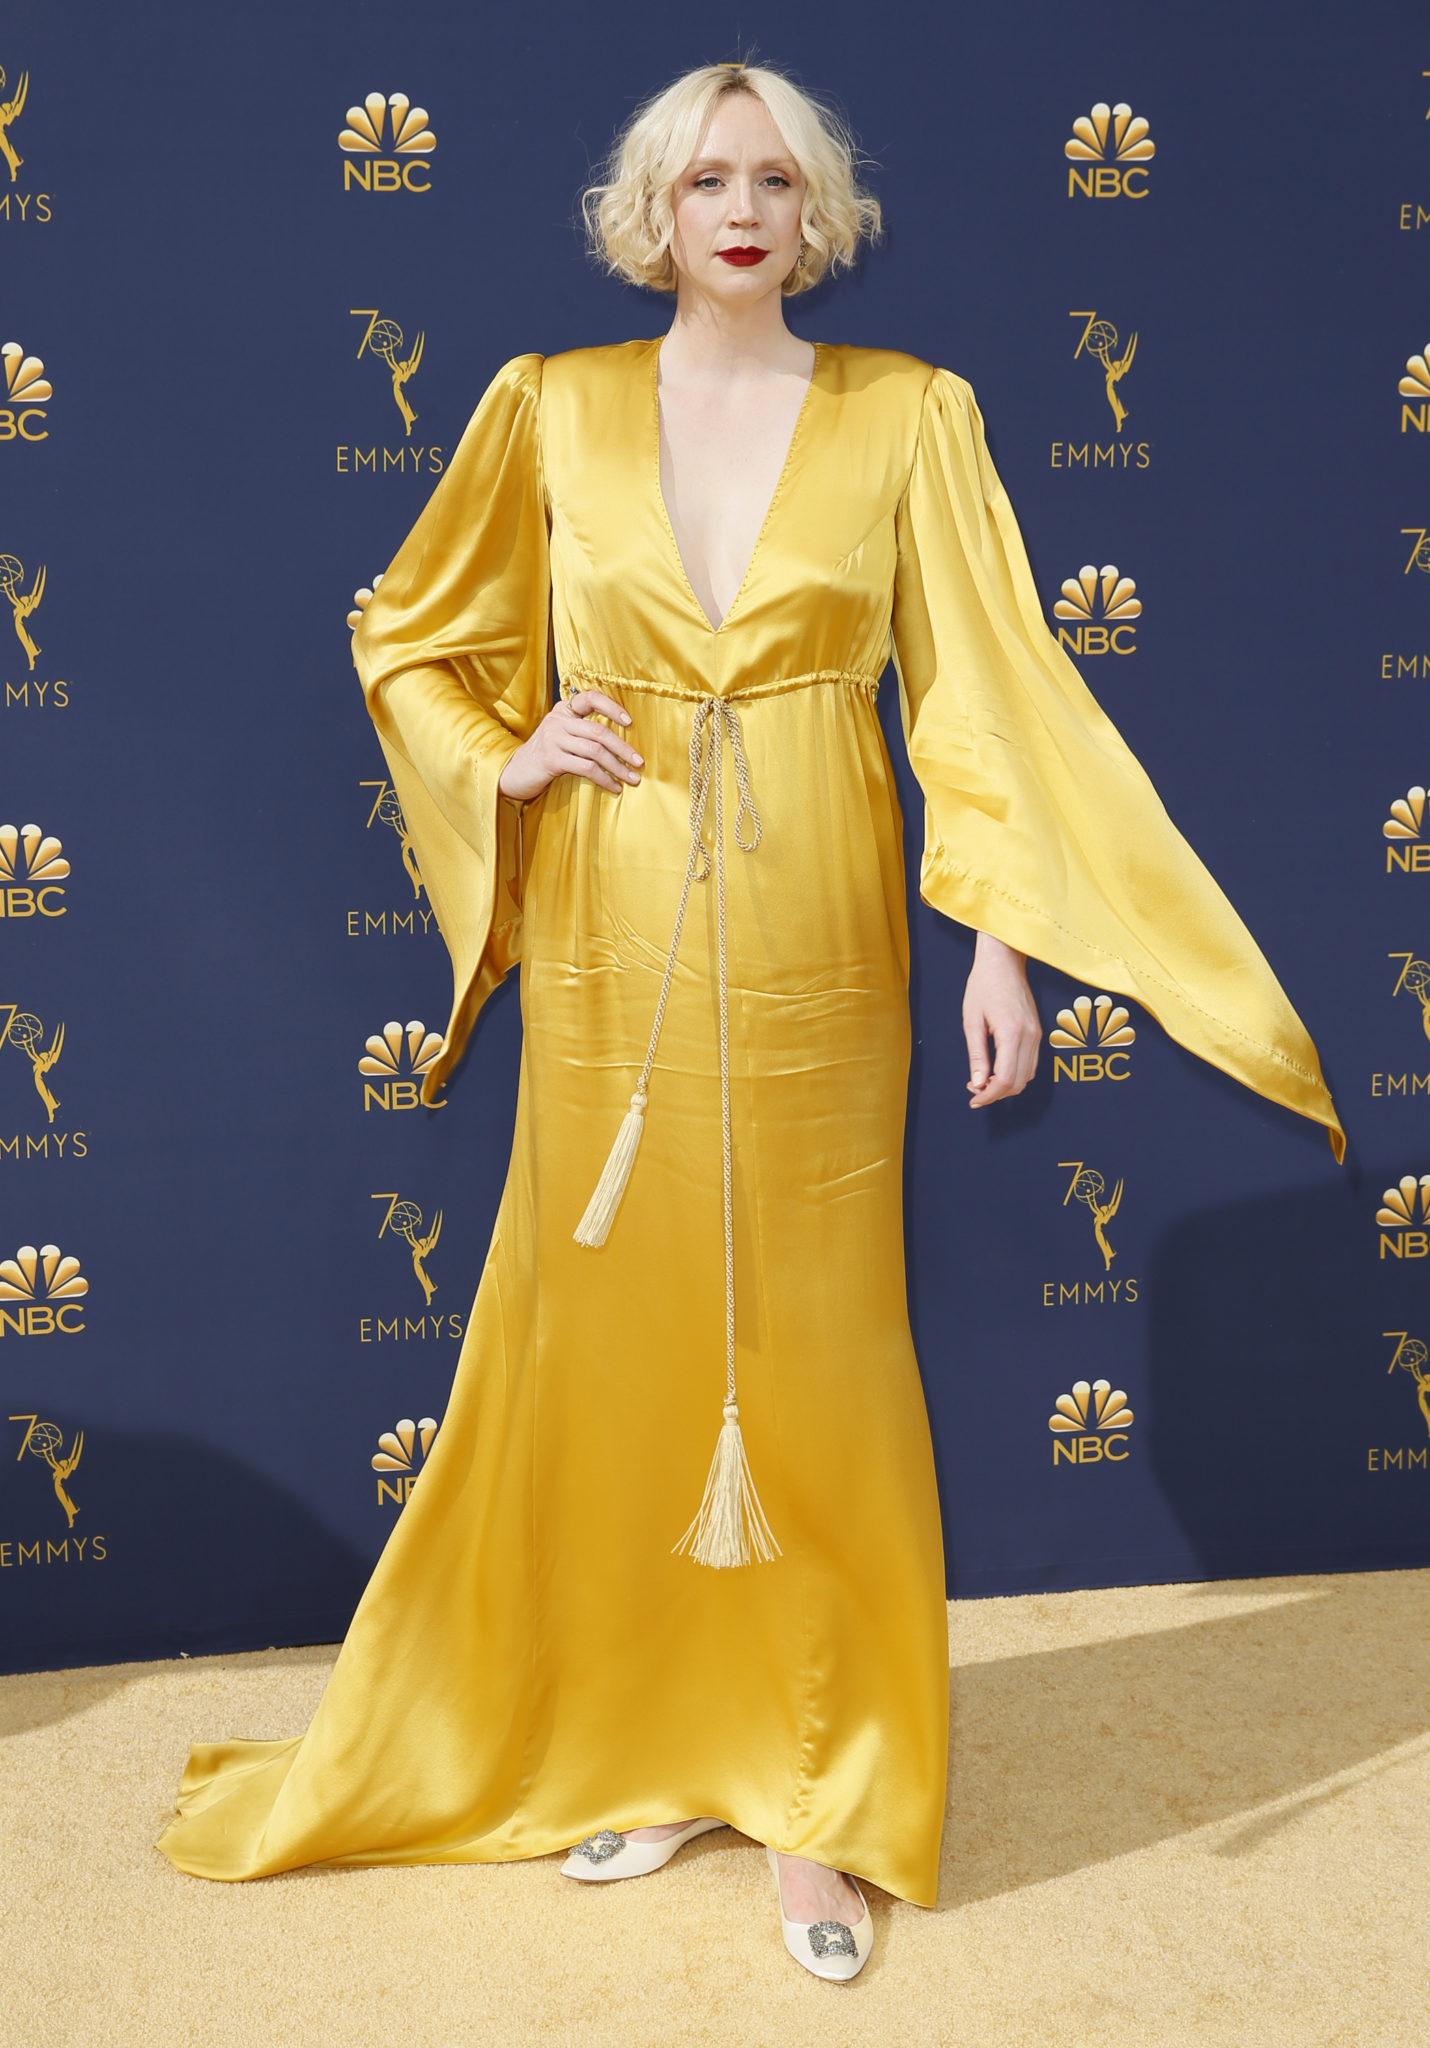 Gwendoline Christie Emmys 4Chion Lifestyle